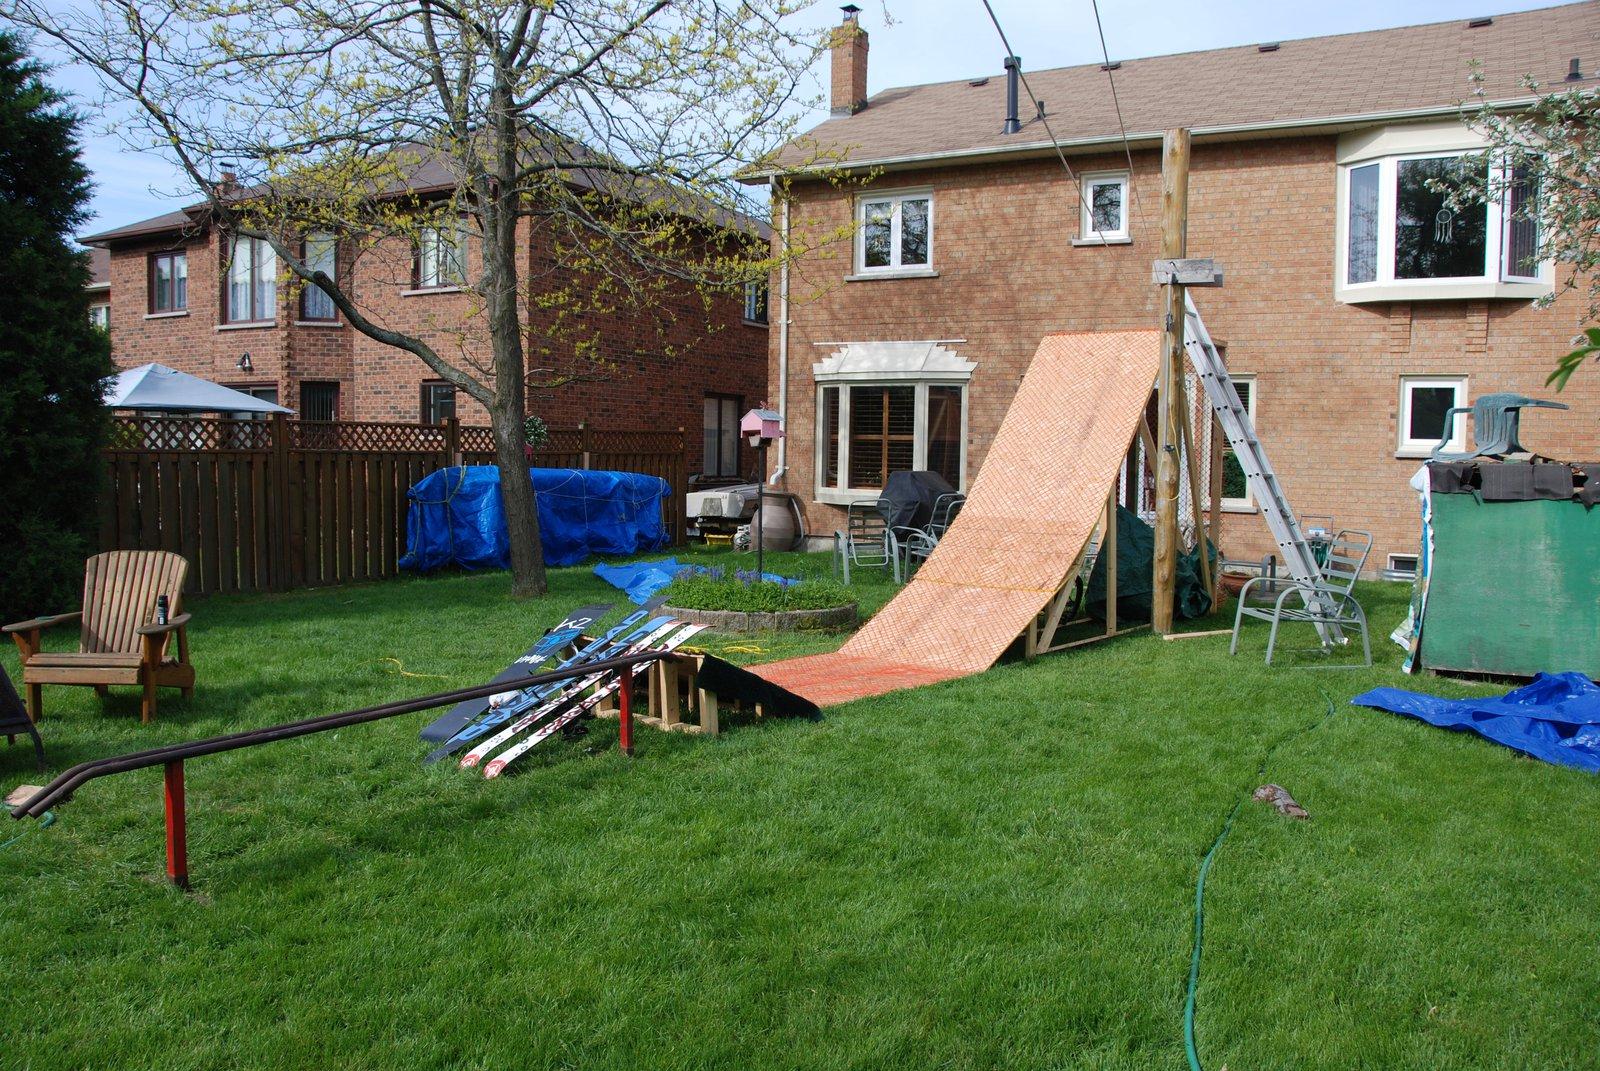 My backyard set up